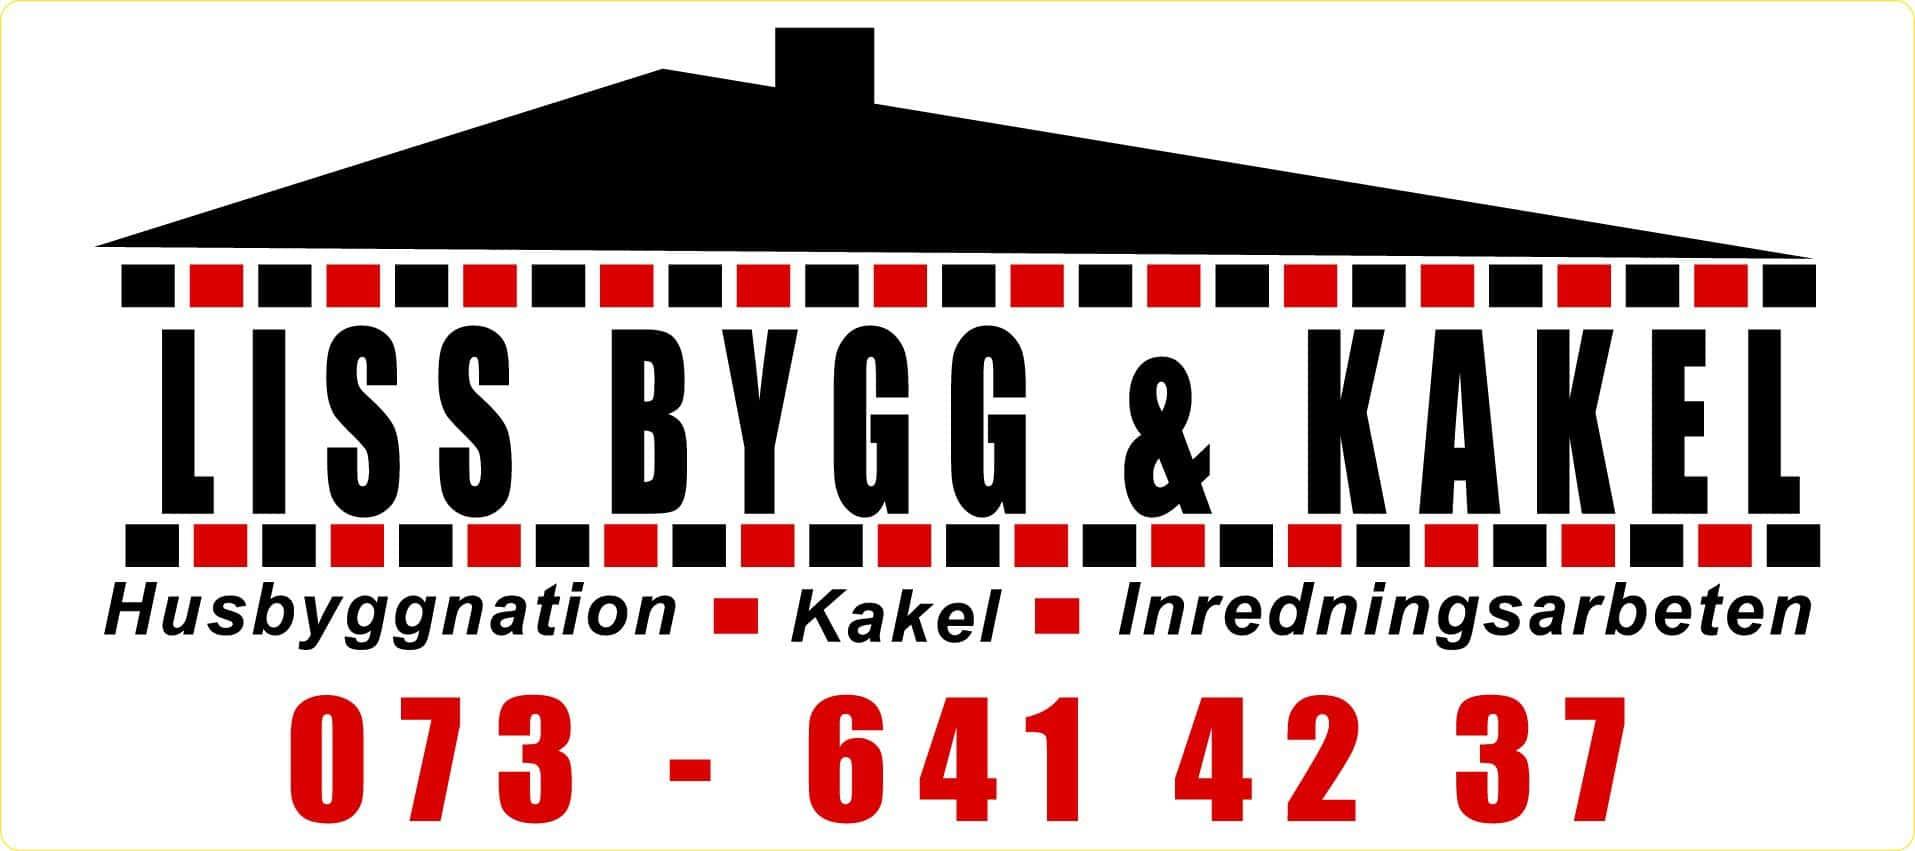 Logotyp för Liss Bygg & Kakel AB